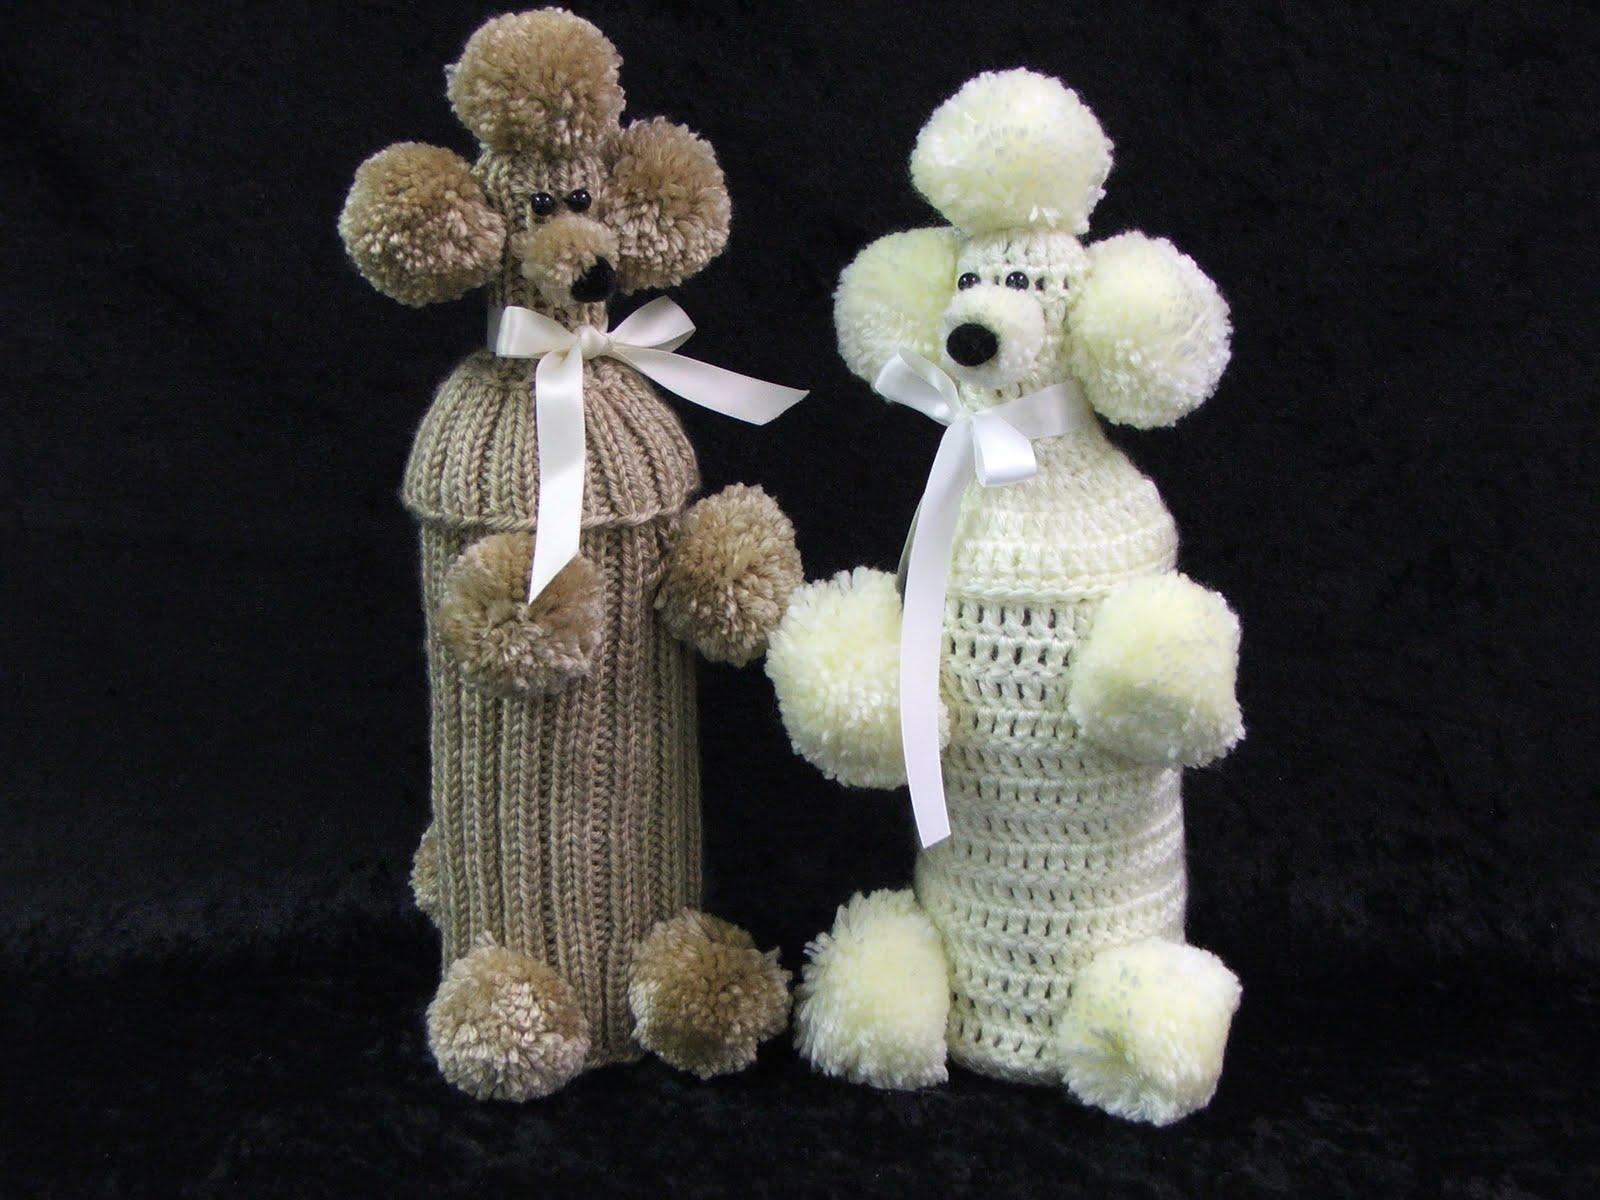 CROCHET PATTERN FOR LARGE WINE BOTTLE – Crochet Club